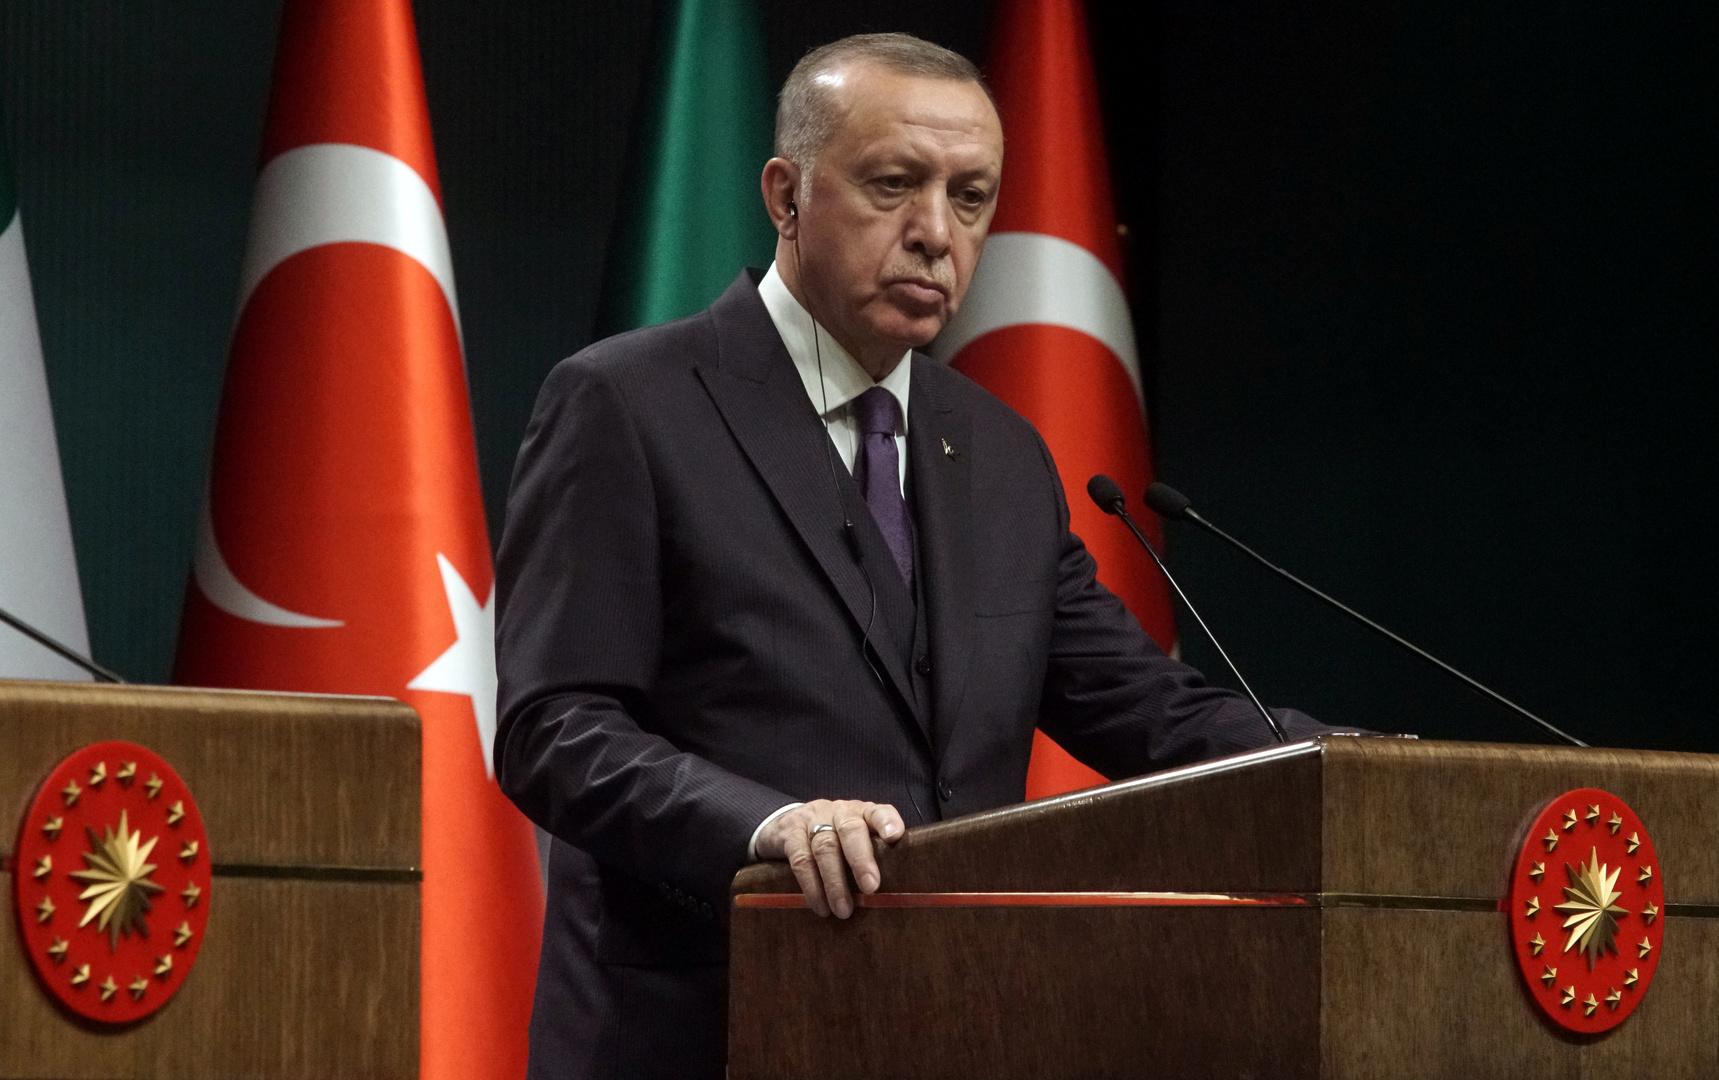 صالح وأردوغان يؤكدان أهمية الدعم الدولي للعراق